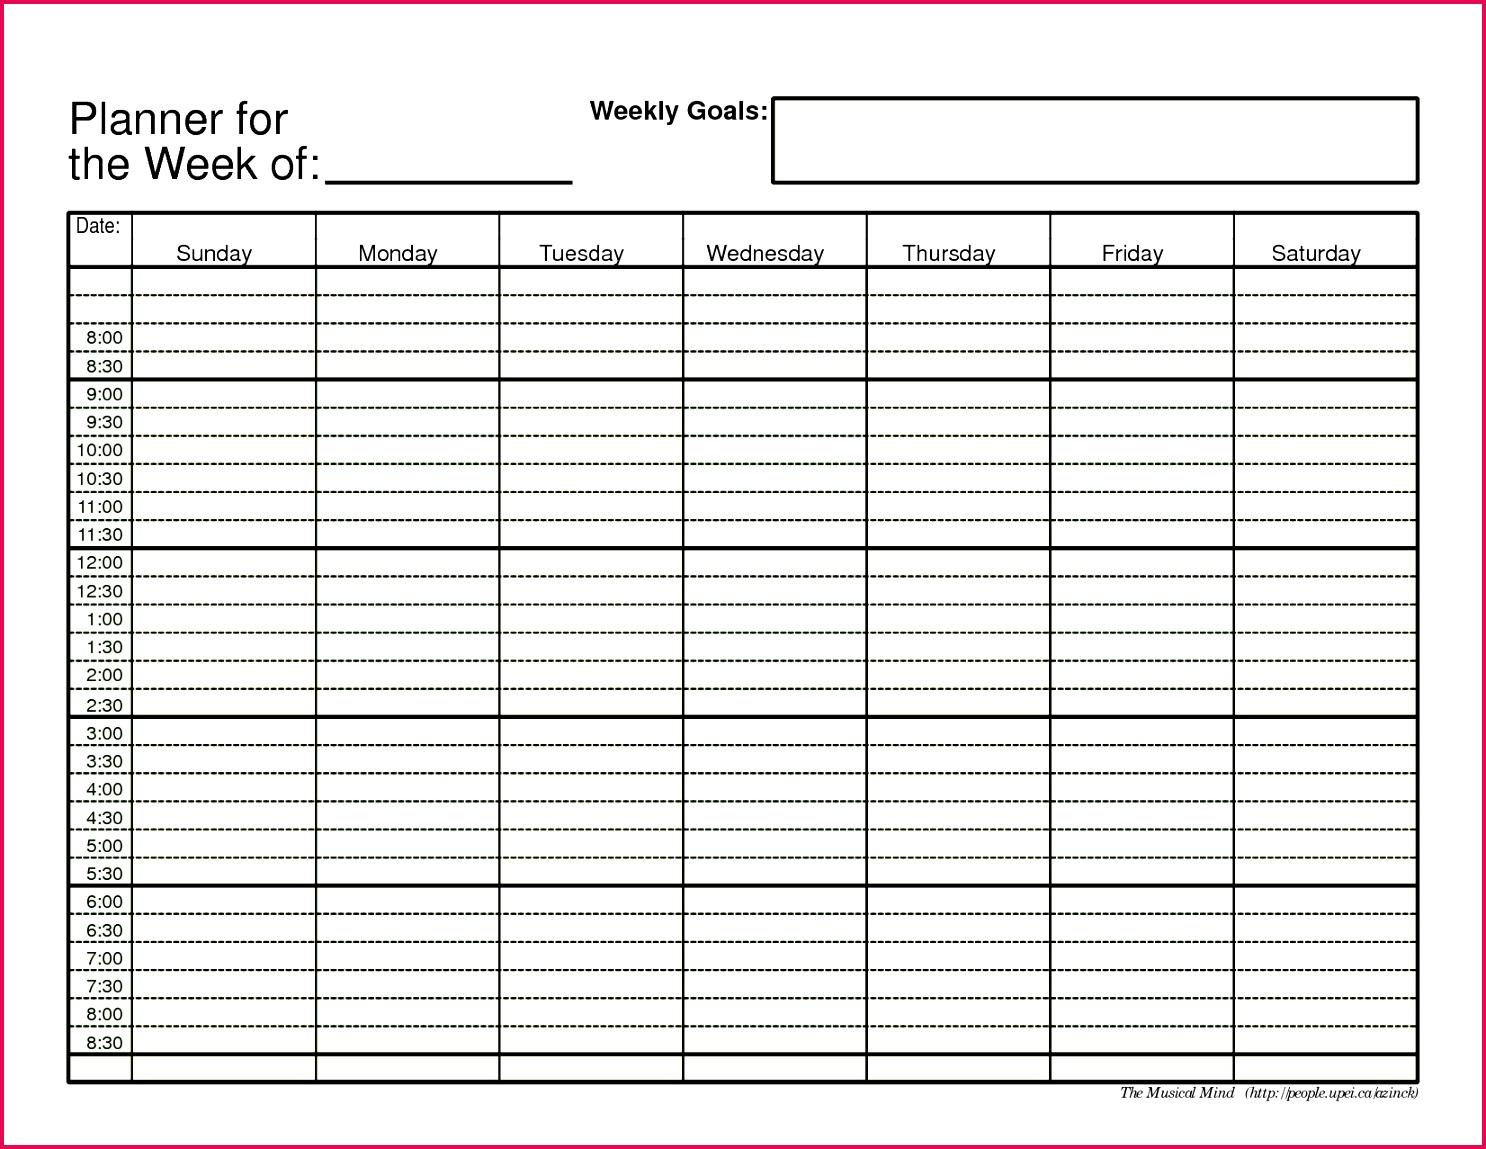 scheduler daily planner